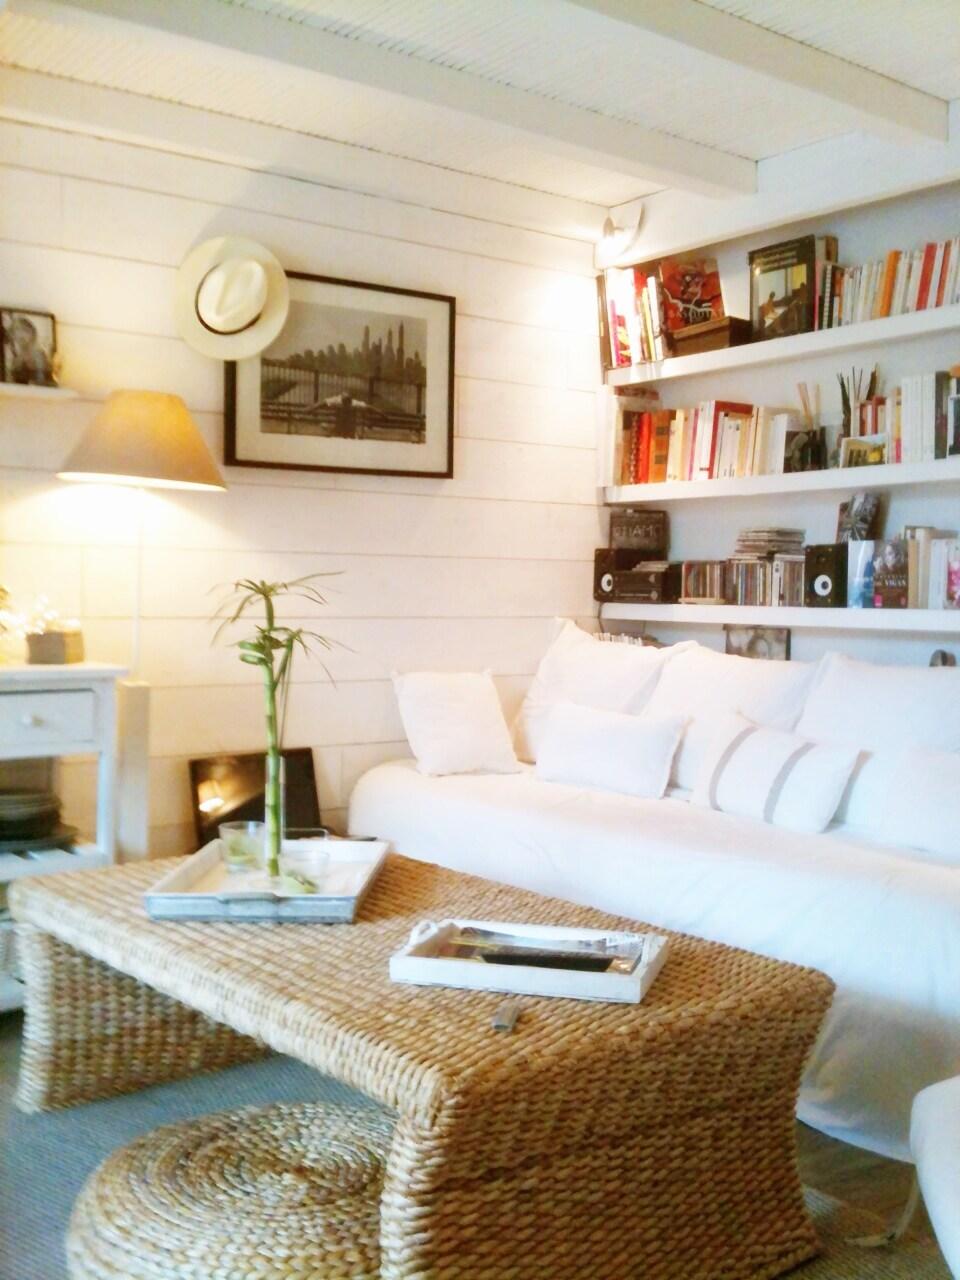 Maison cosy au coeur de la Camargue